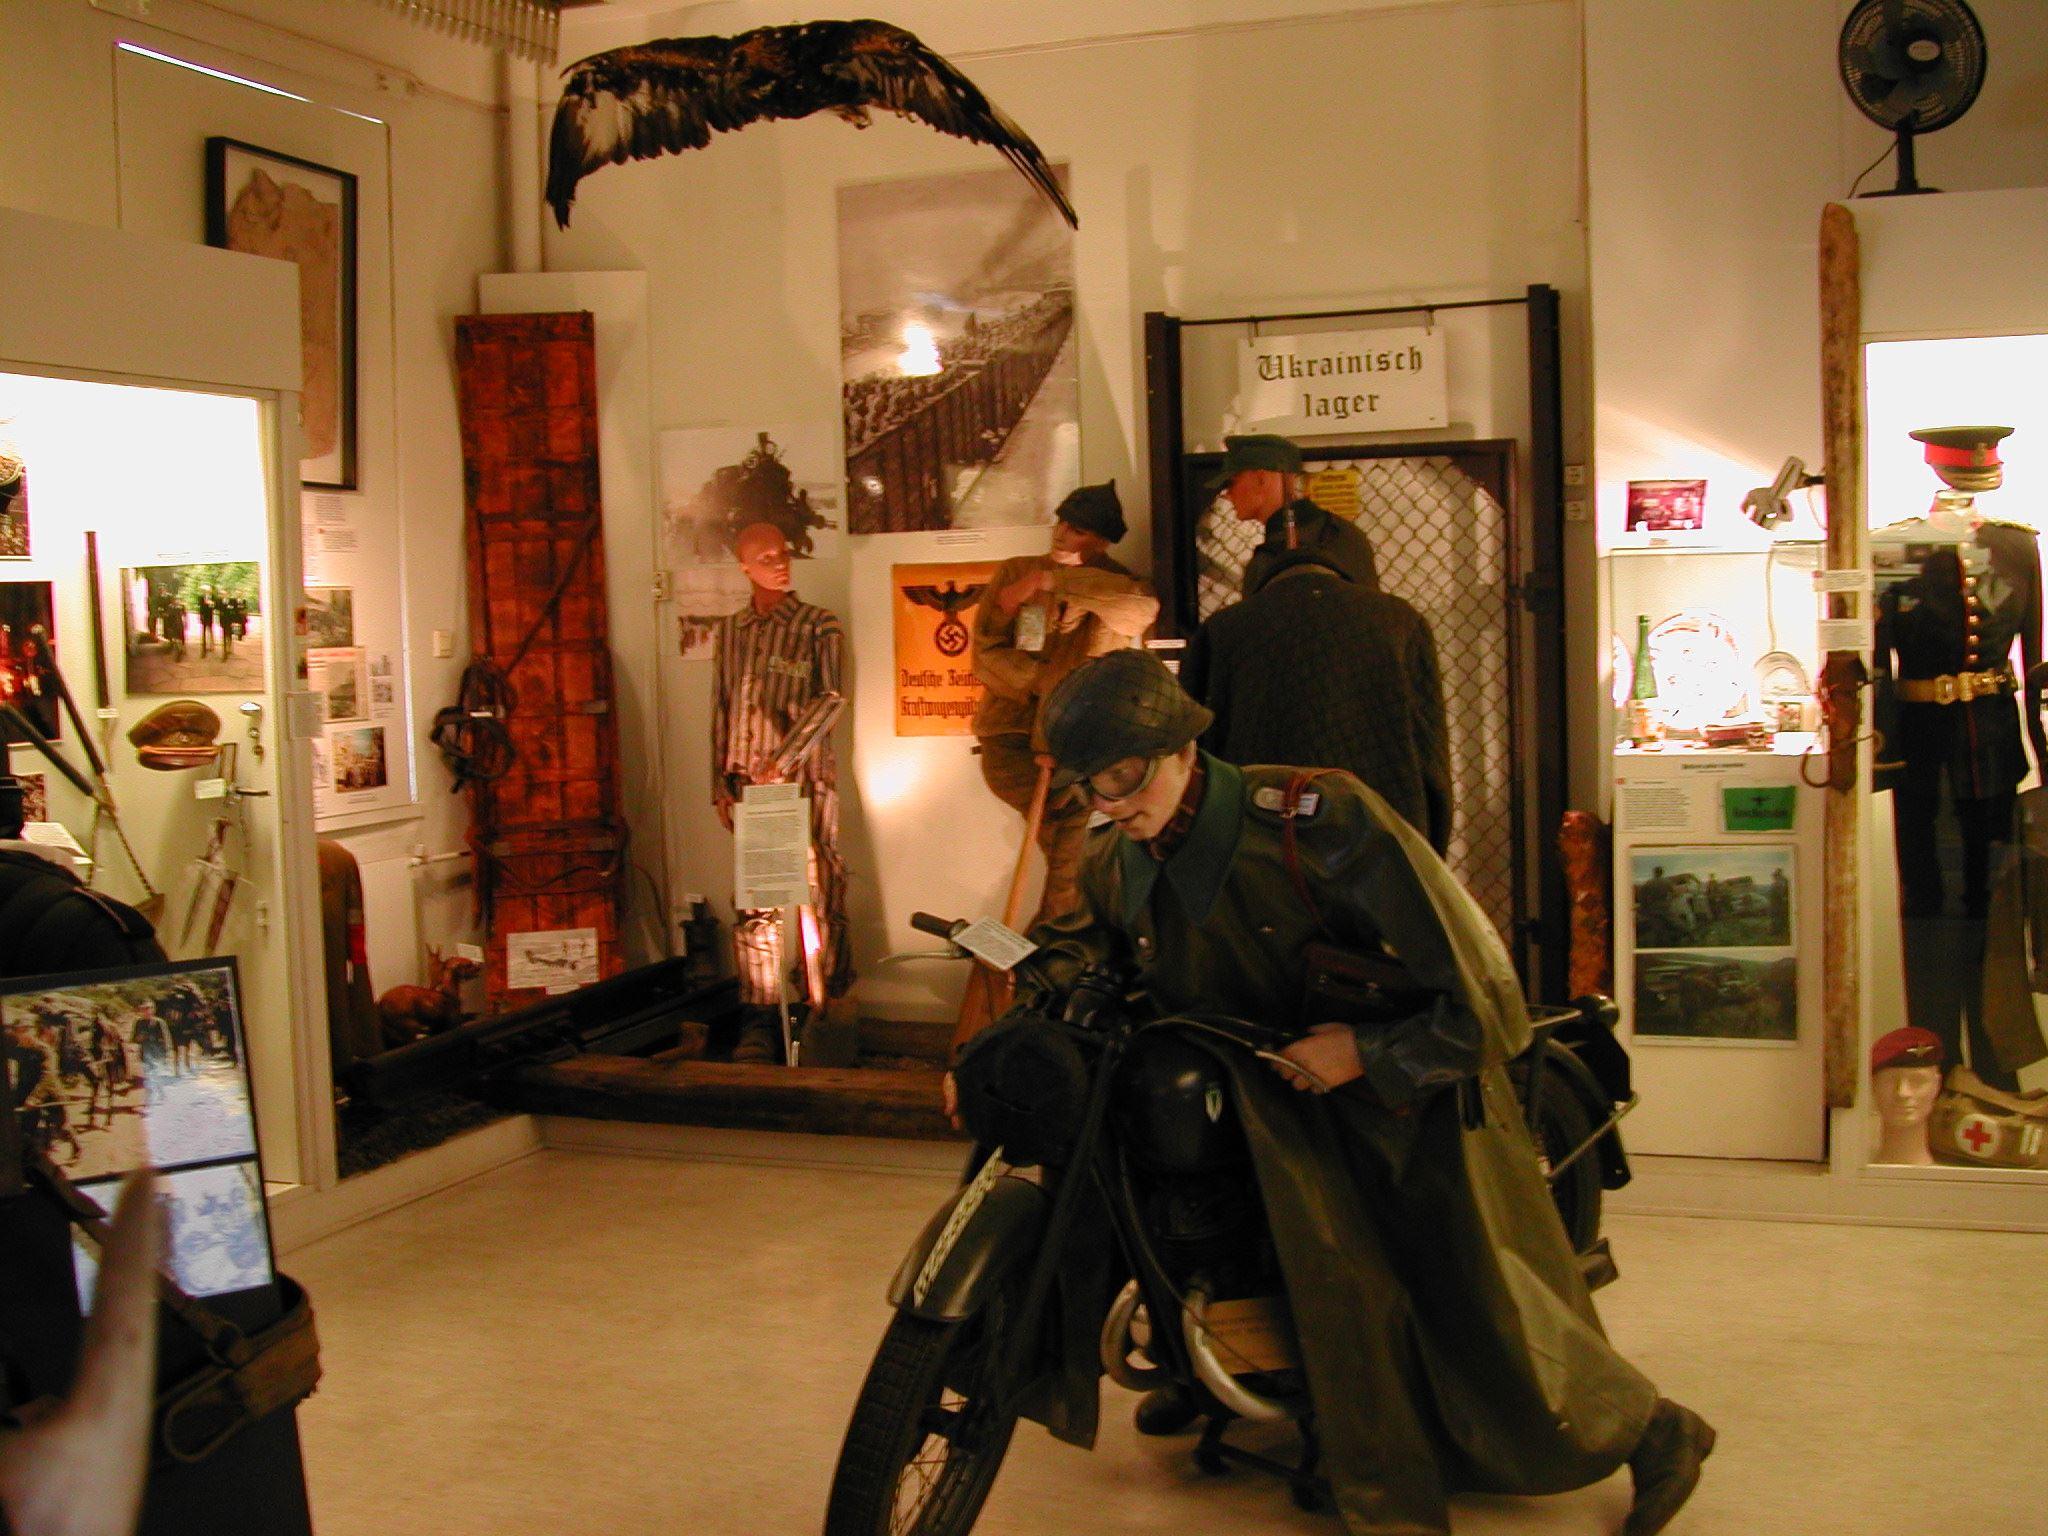 Lofoten Krigsminnemuseum